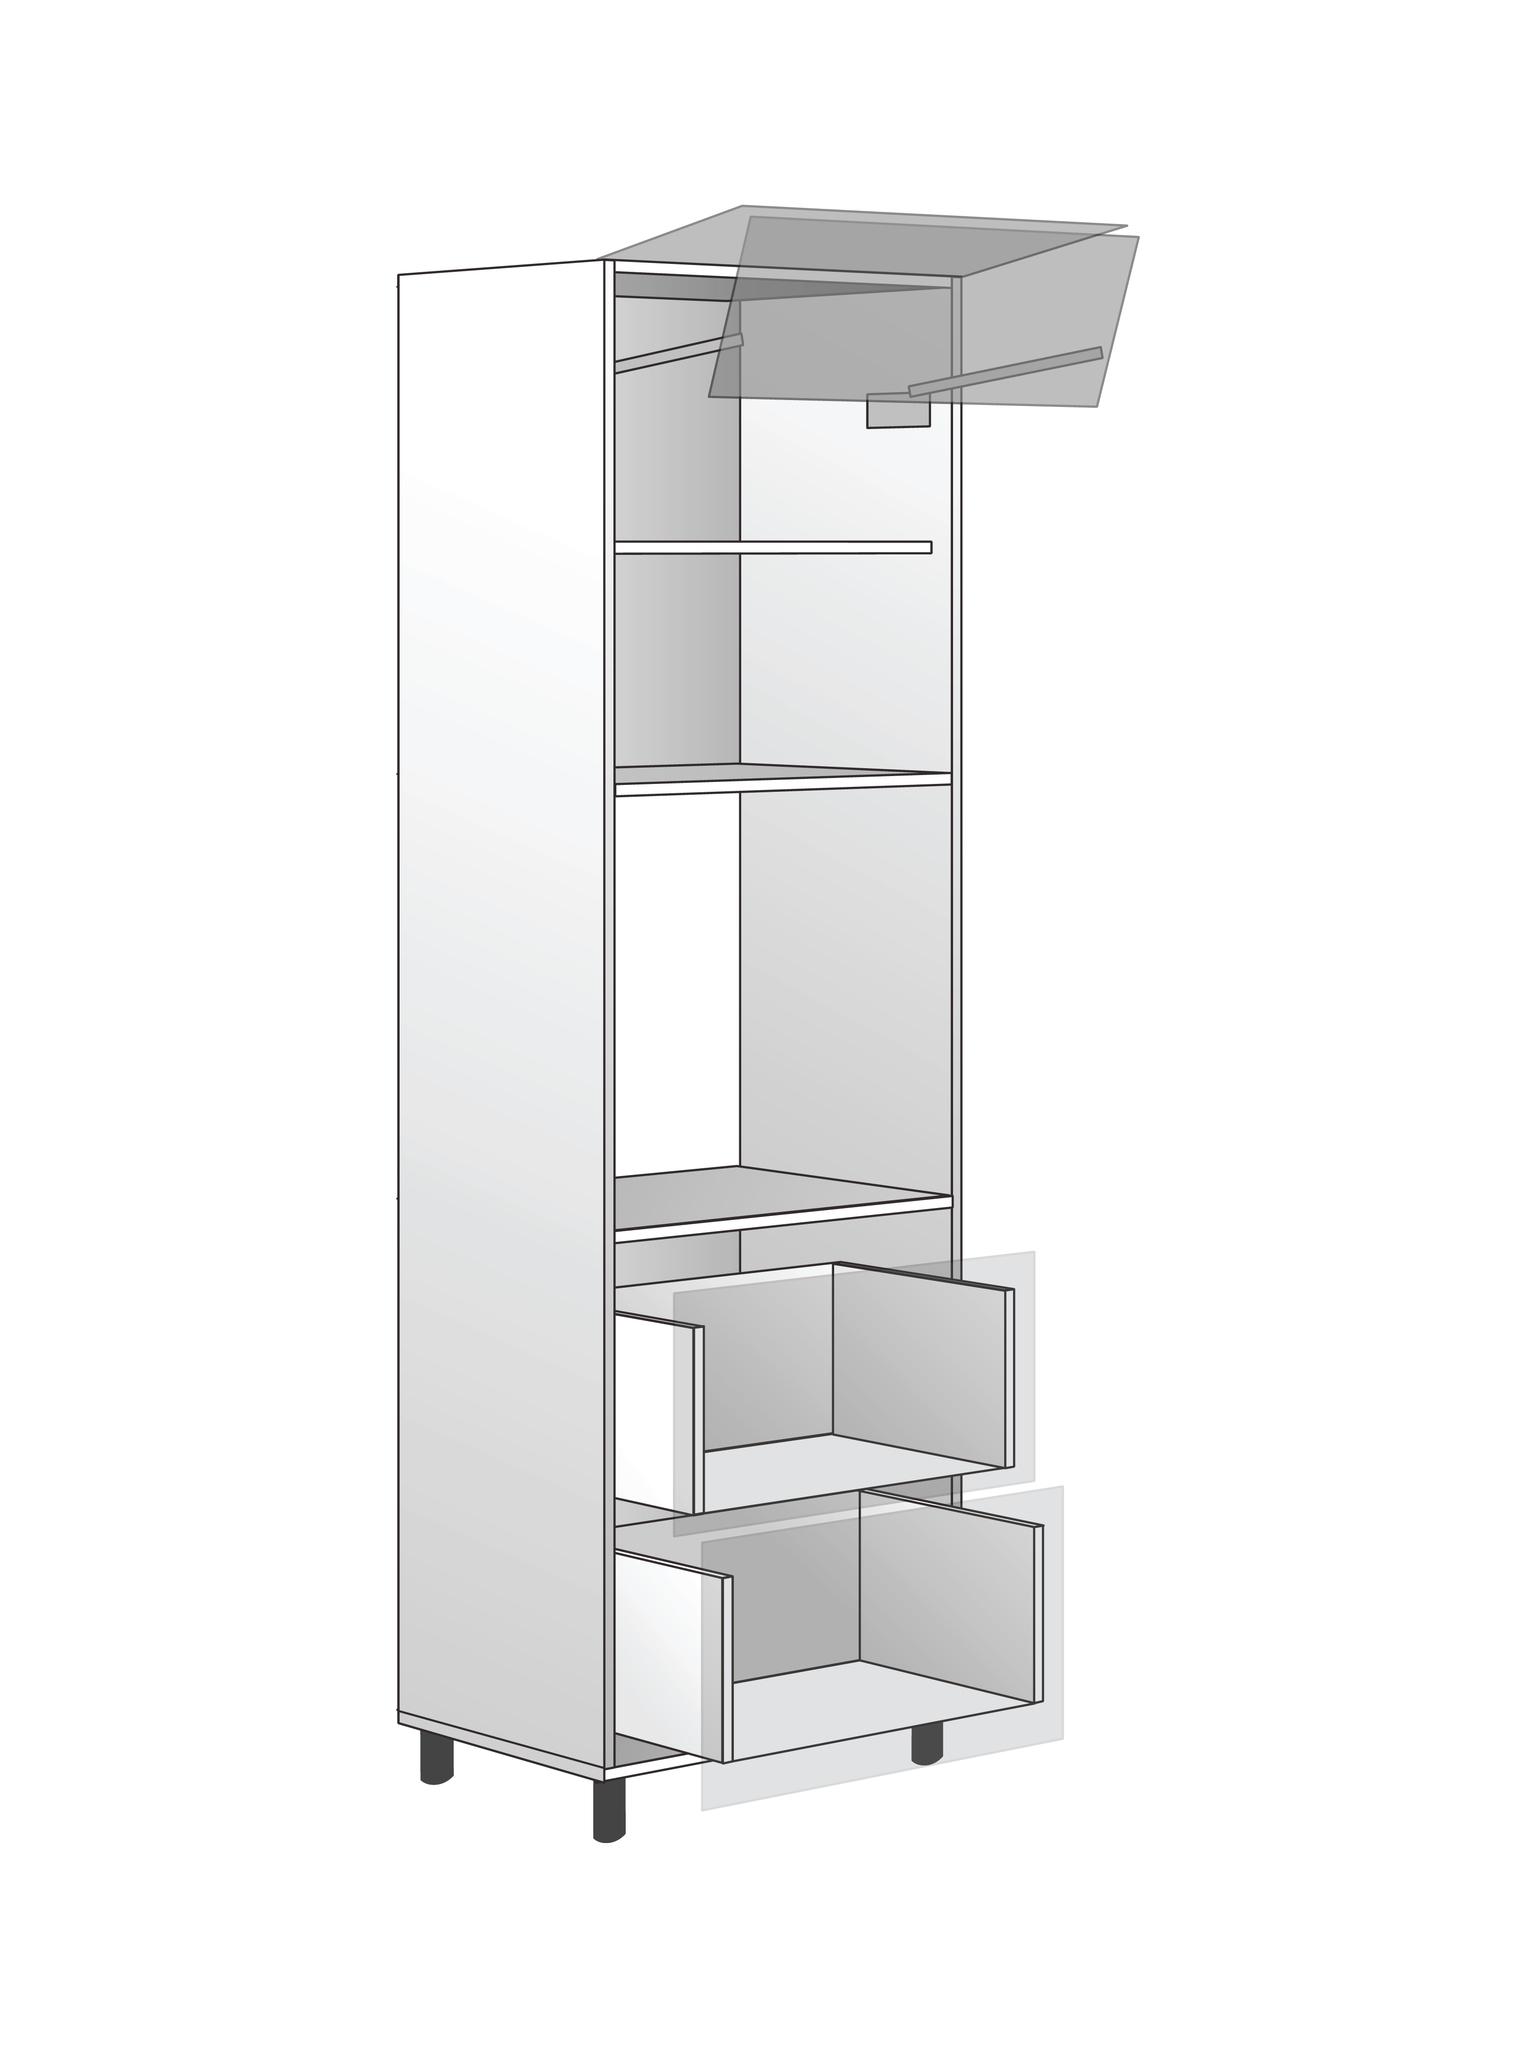 Напольный шкаф для духовки c подъемным механизмом и 2 ящиками, 2040х600 мм